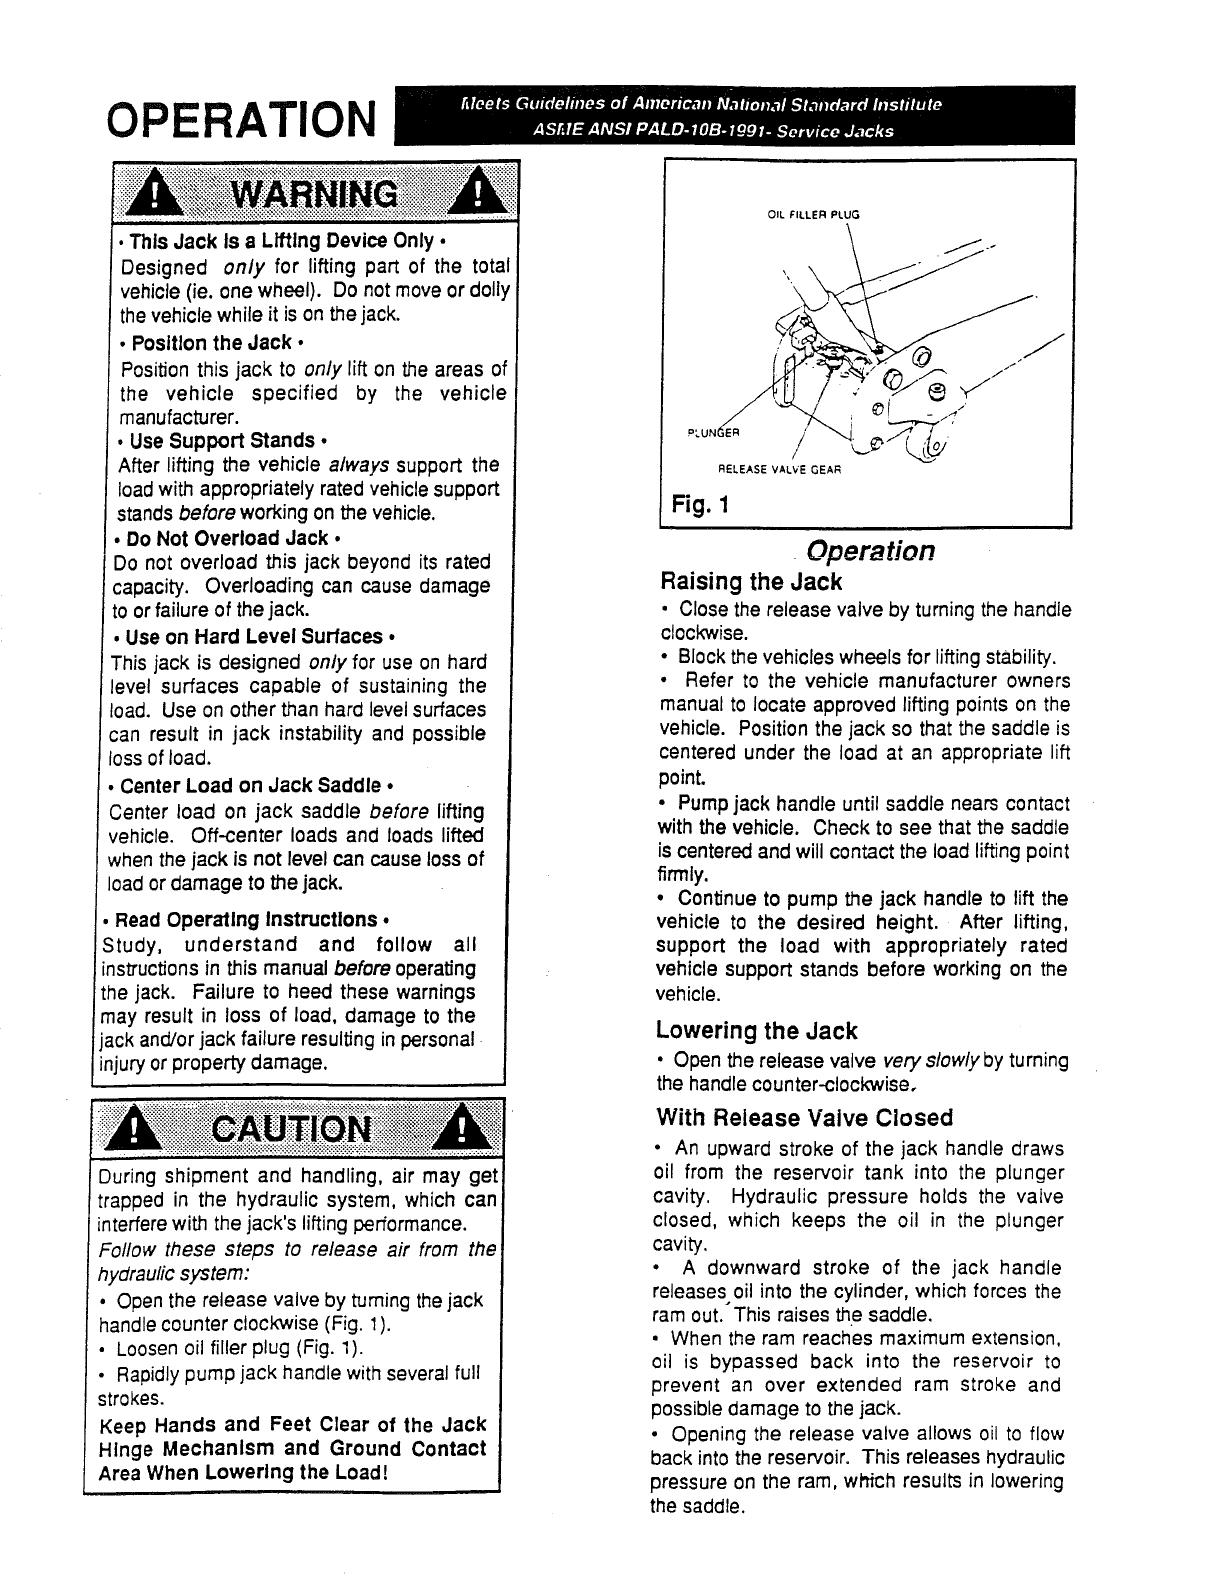 Sears 875 501152 Users Manual